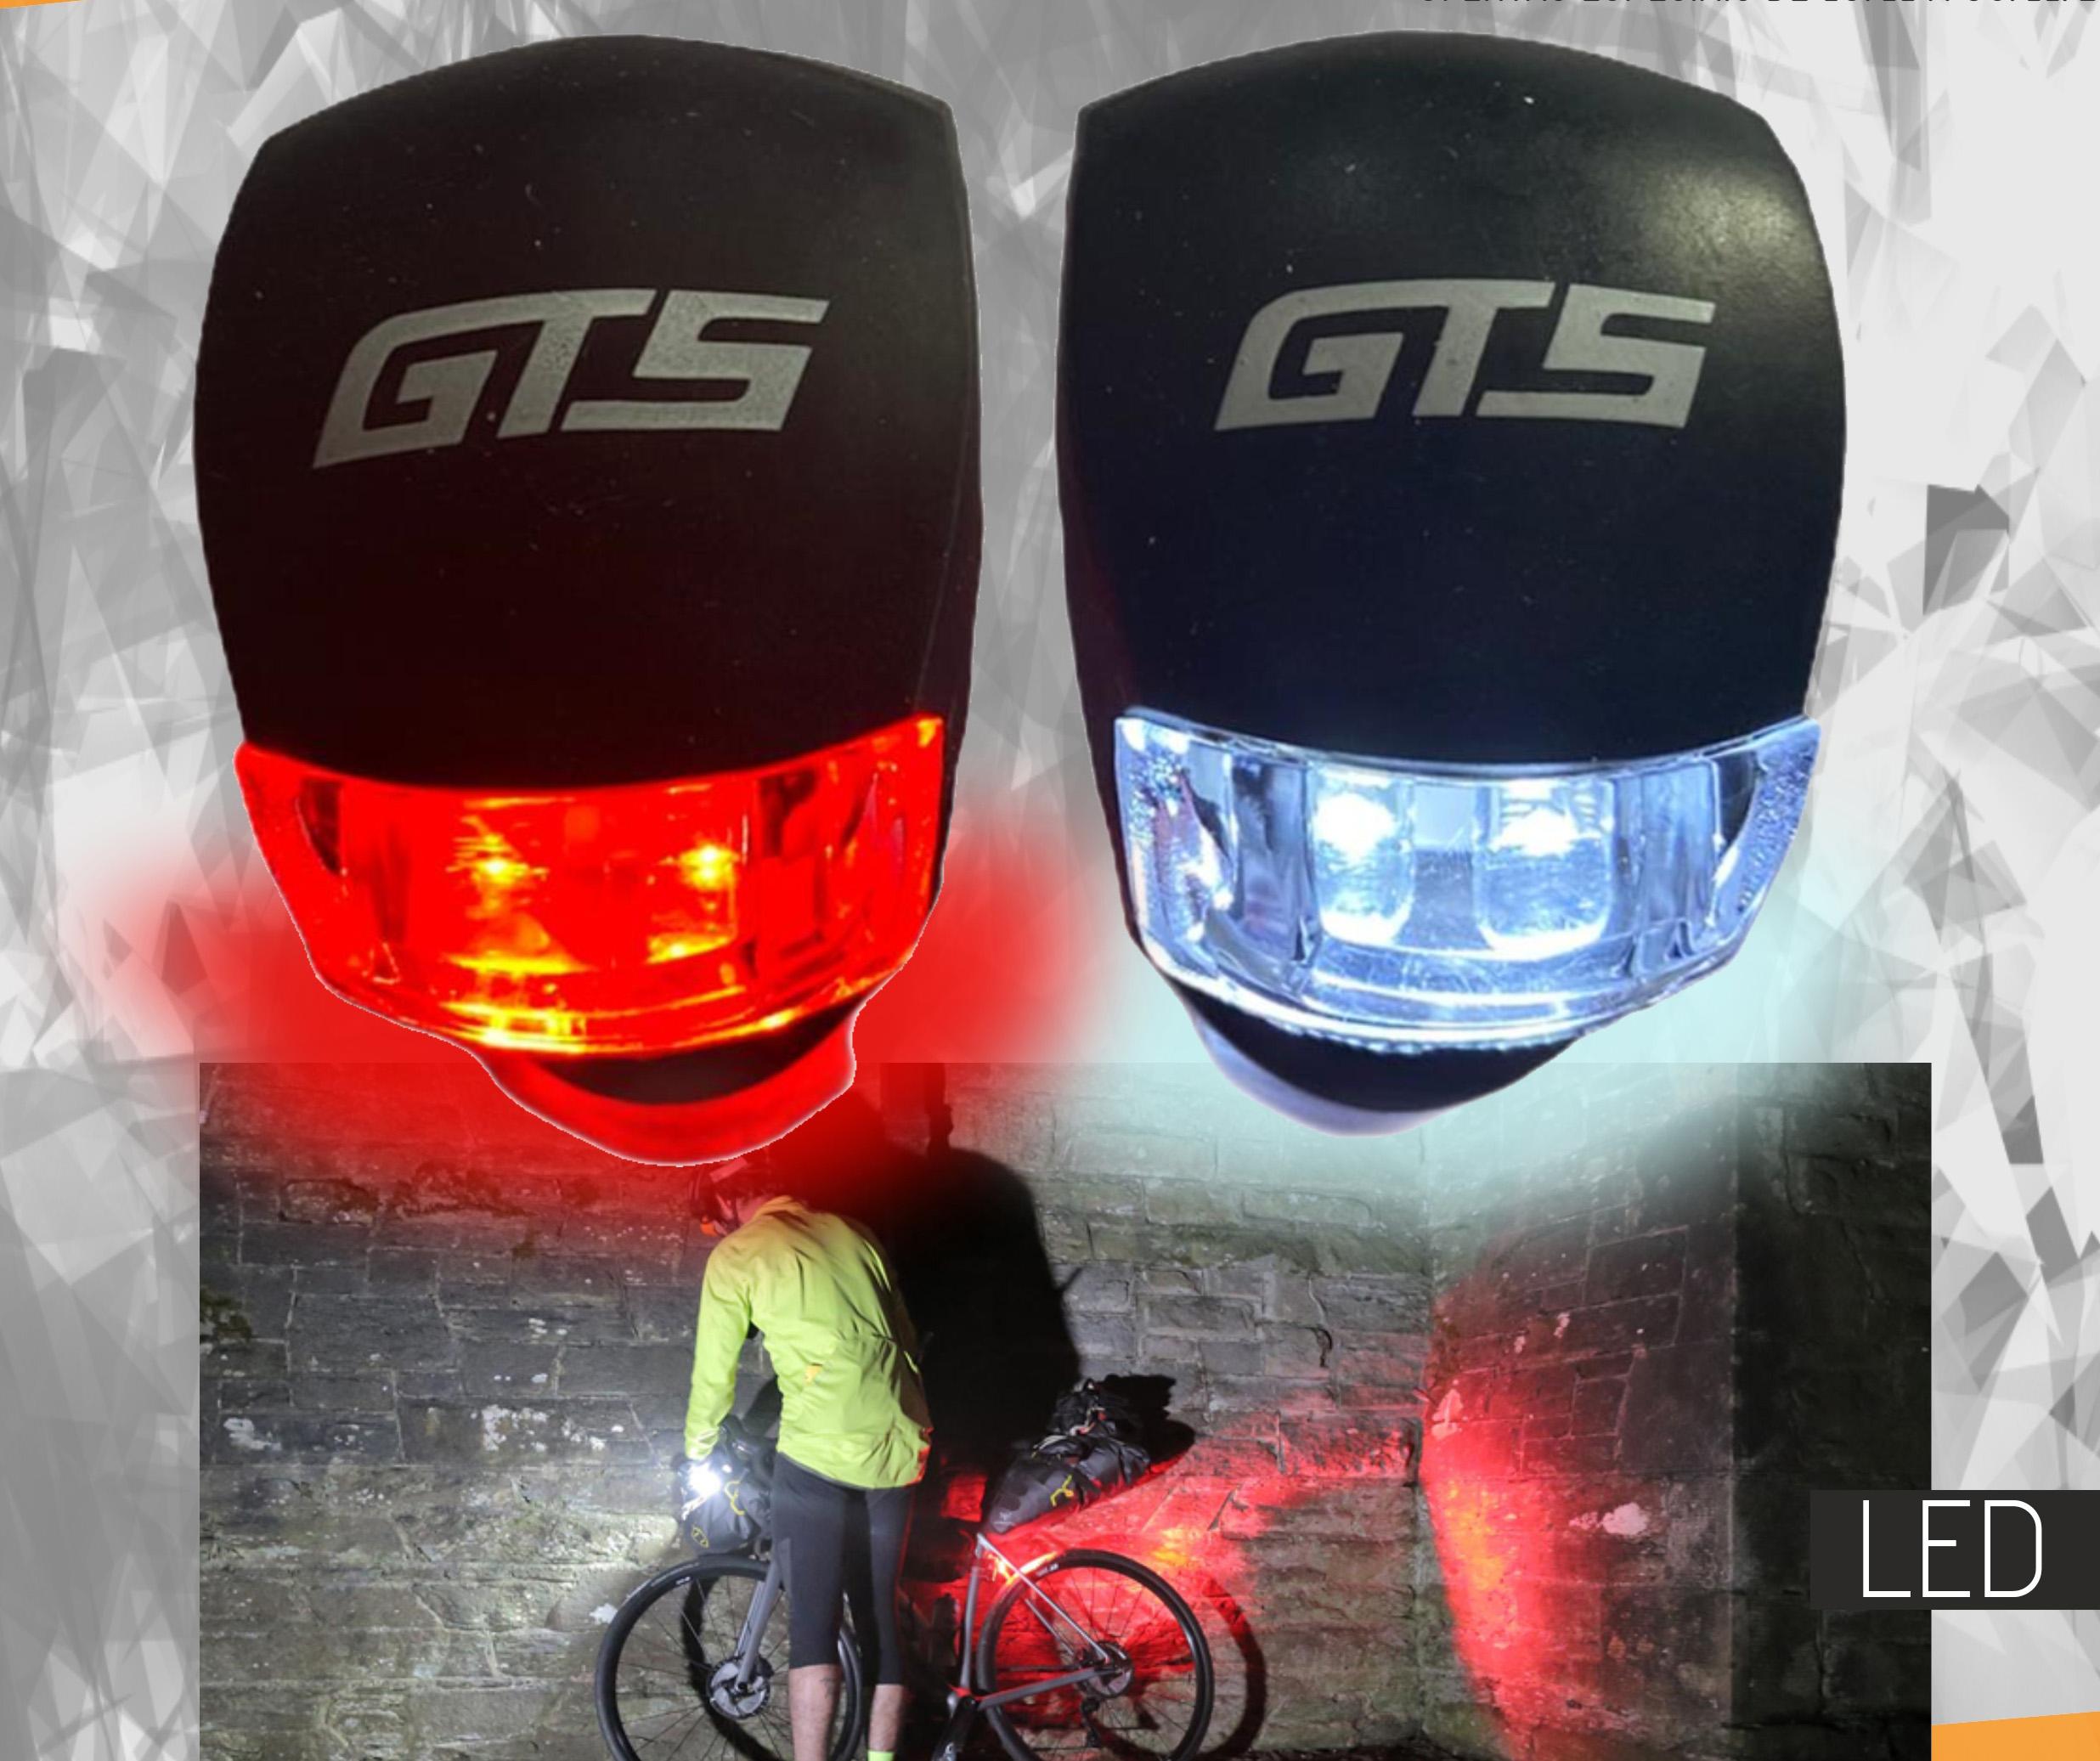 Luz Sinalizador Noturno Bicicleta GTS dianteira e traseira